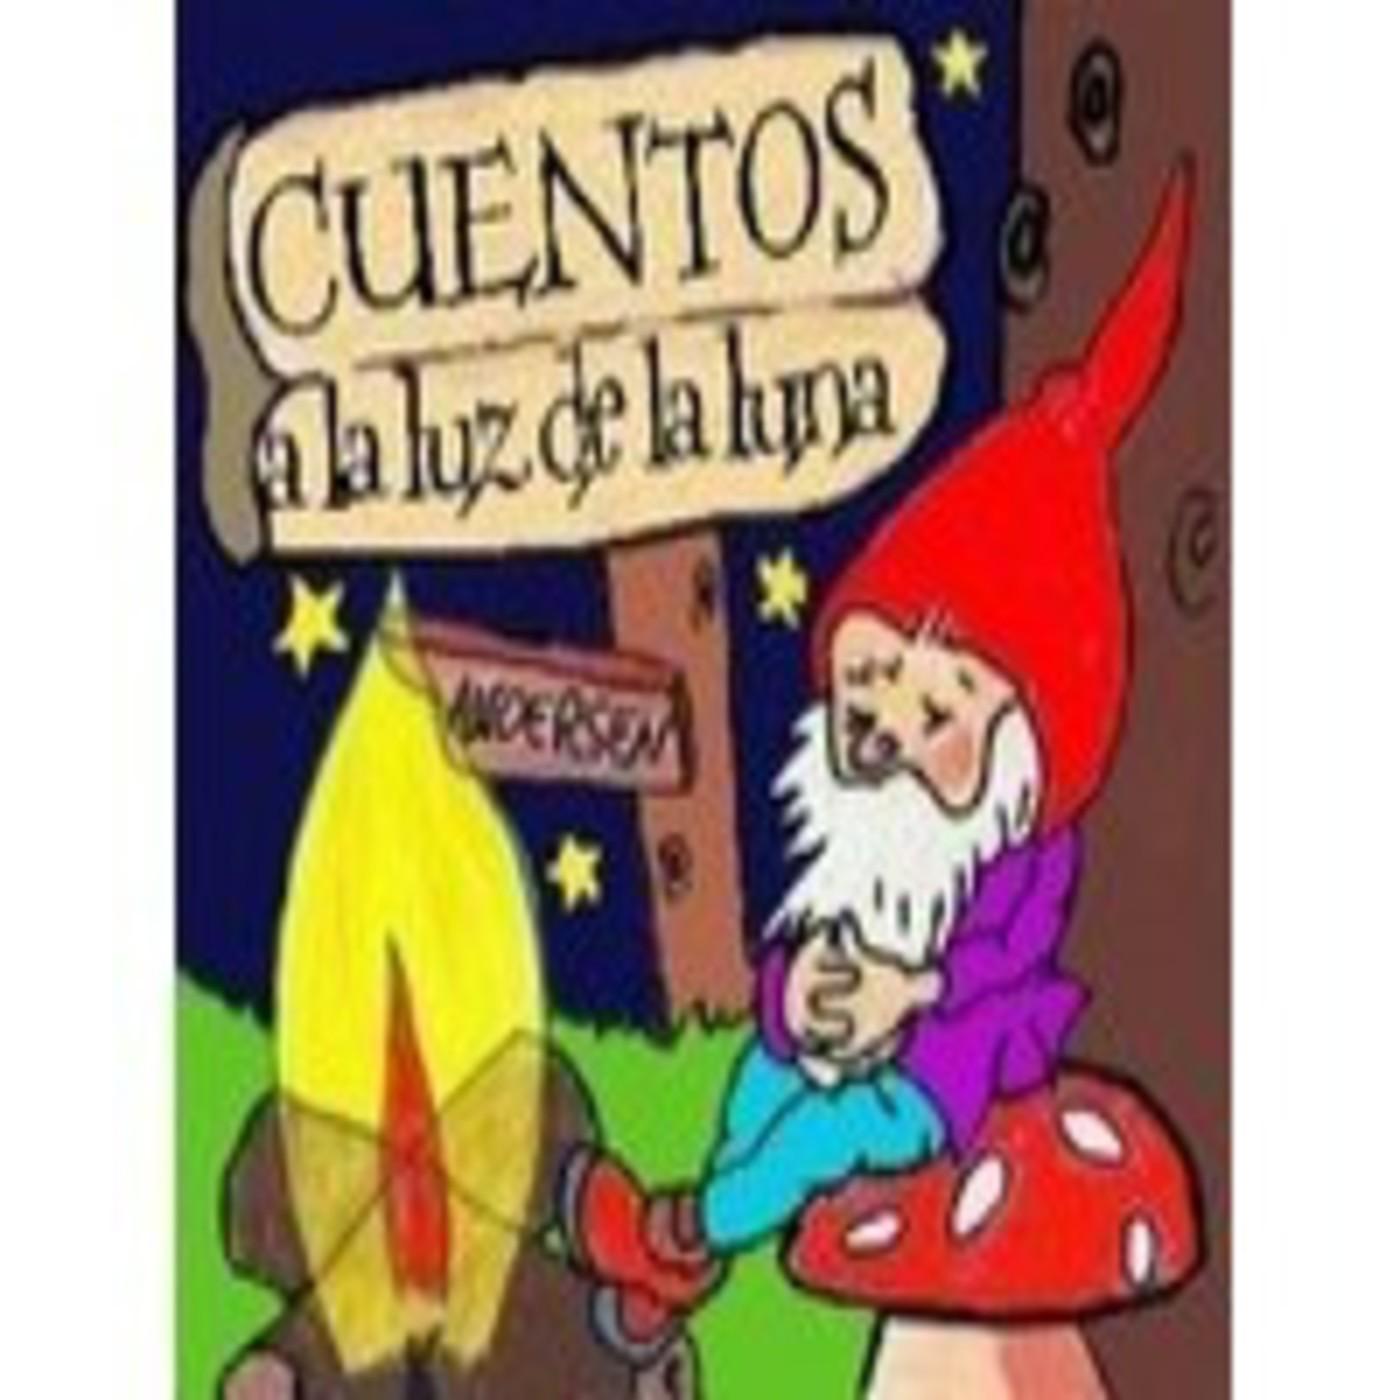 El mago de Oz (6a de12, F.L.Baum) (27:59 min.)